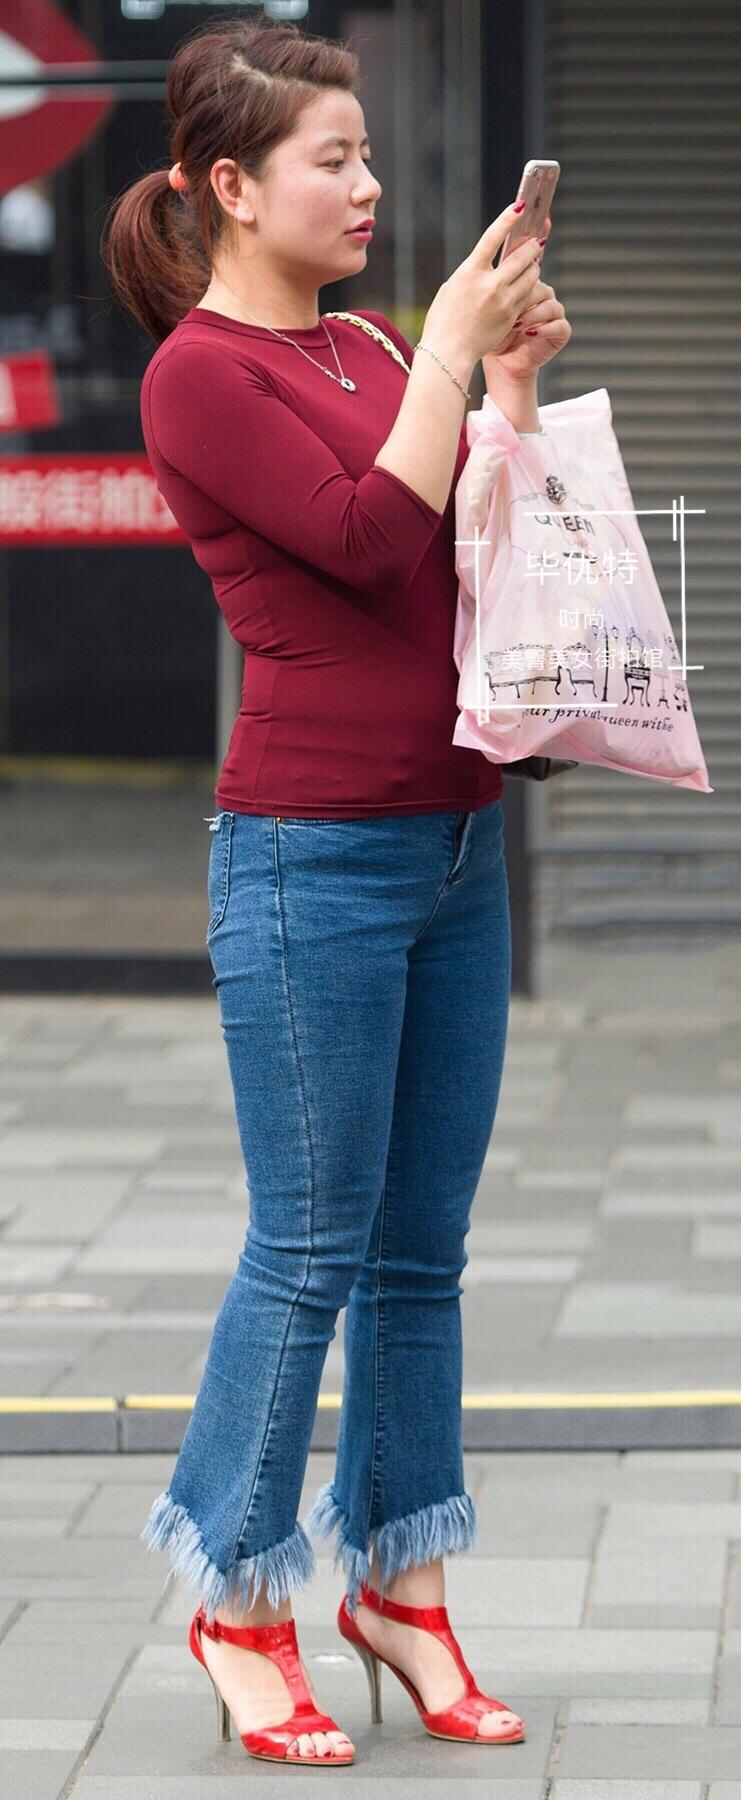 江山美色:街拍皮裤很紧身,勾勒出美女流畅修长的美腿,十分动人。